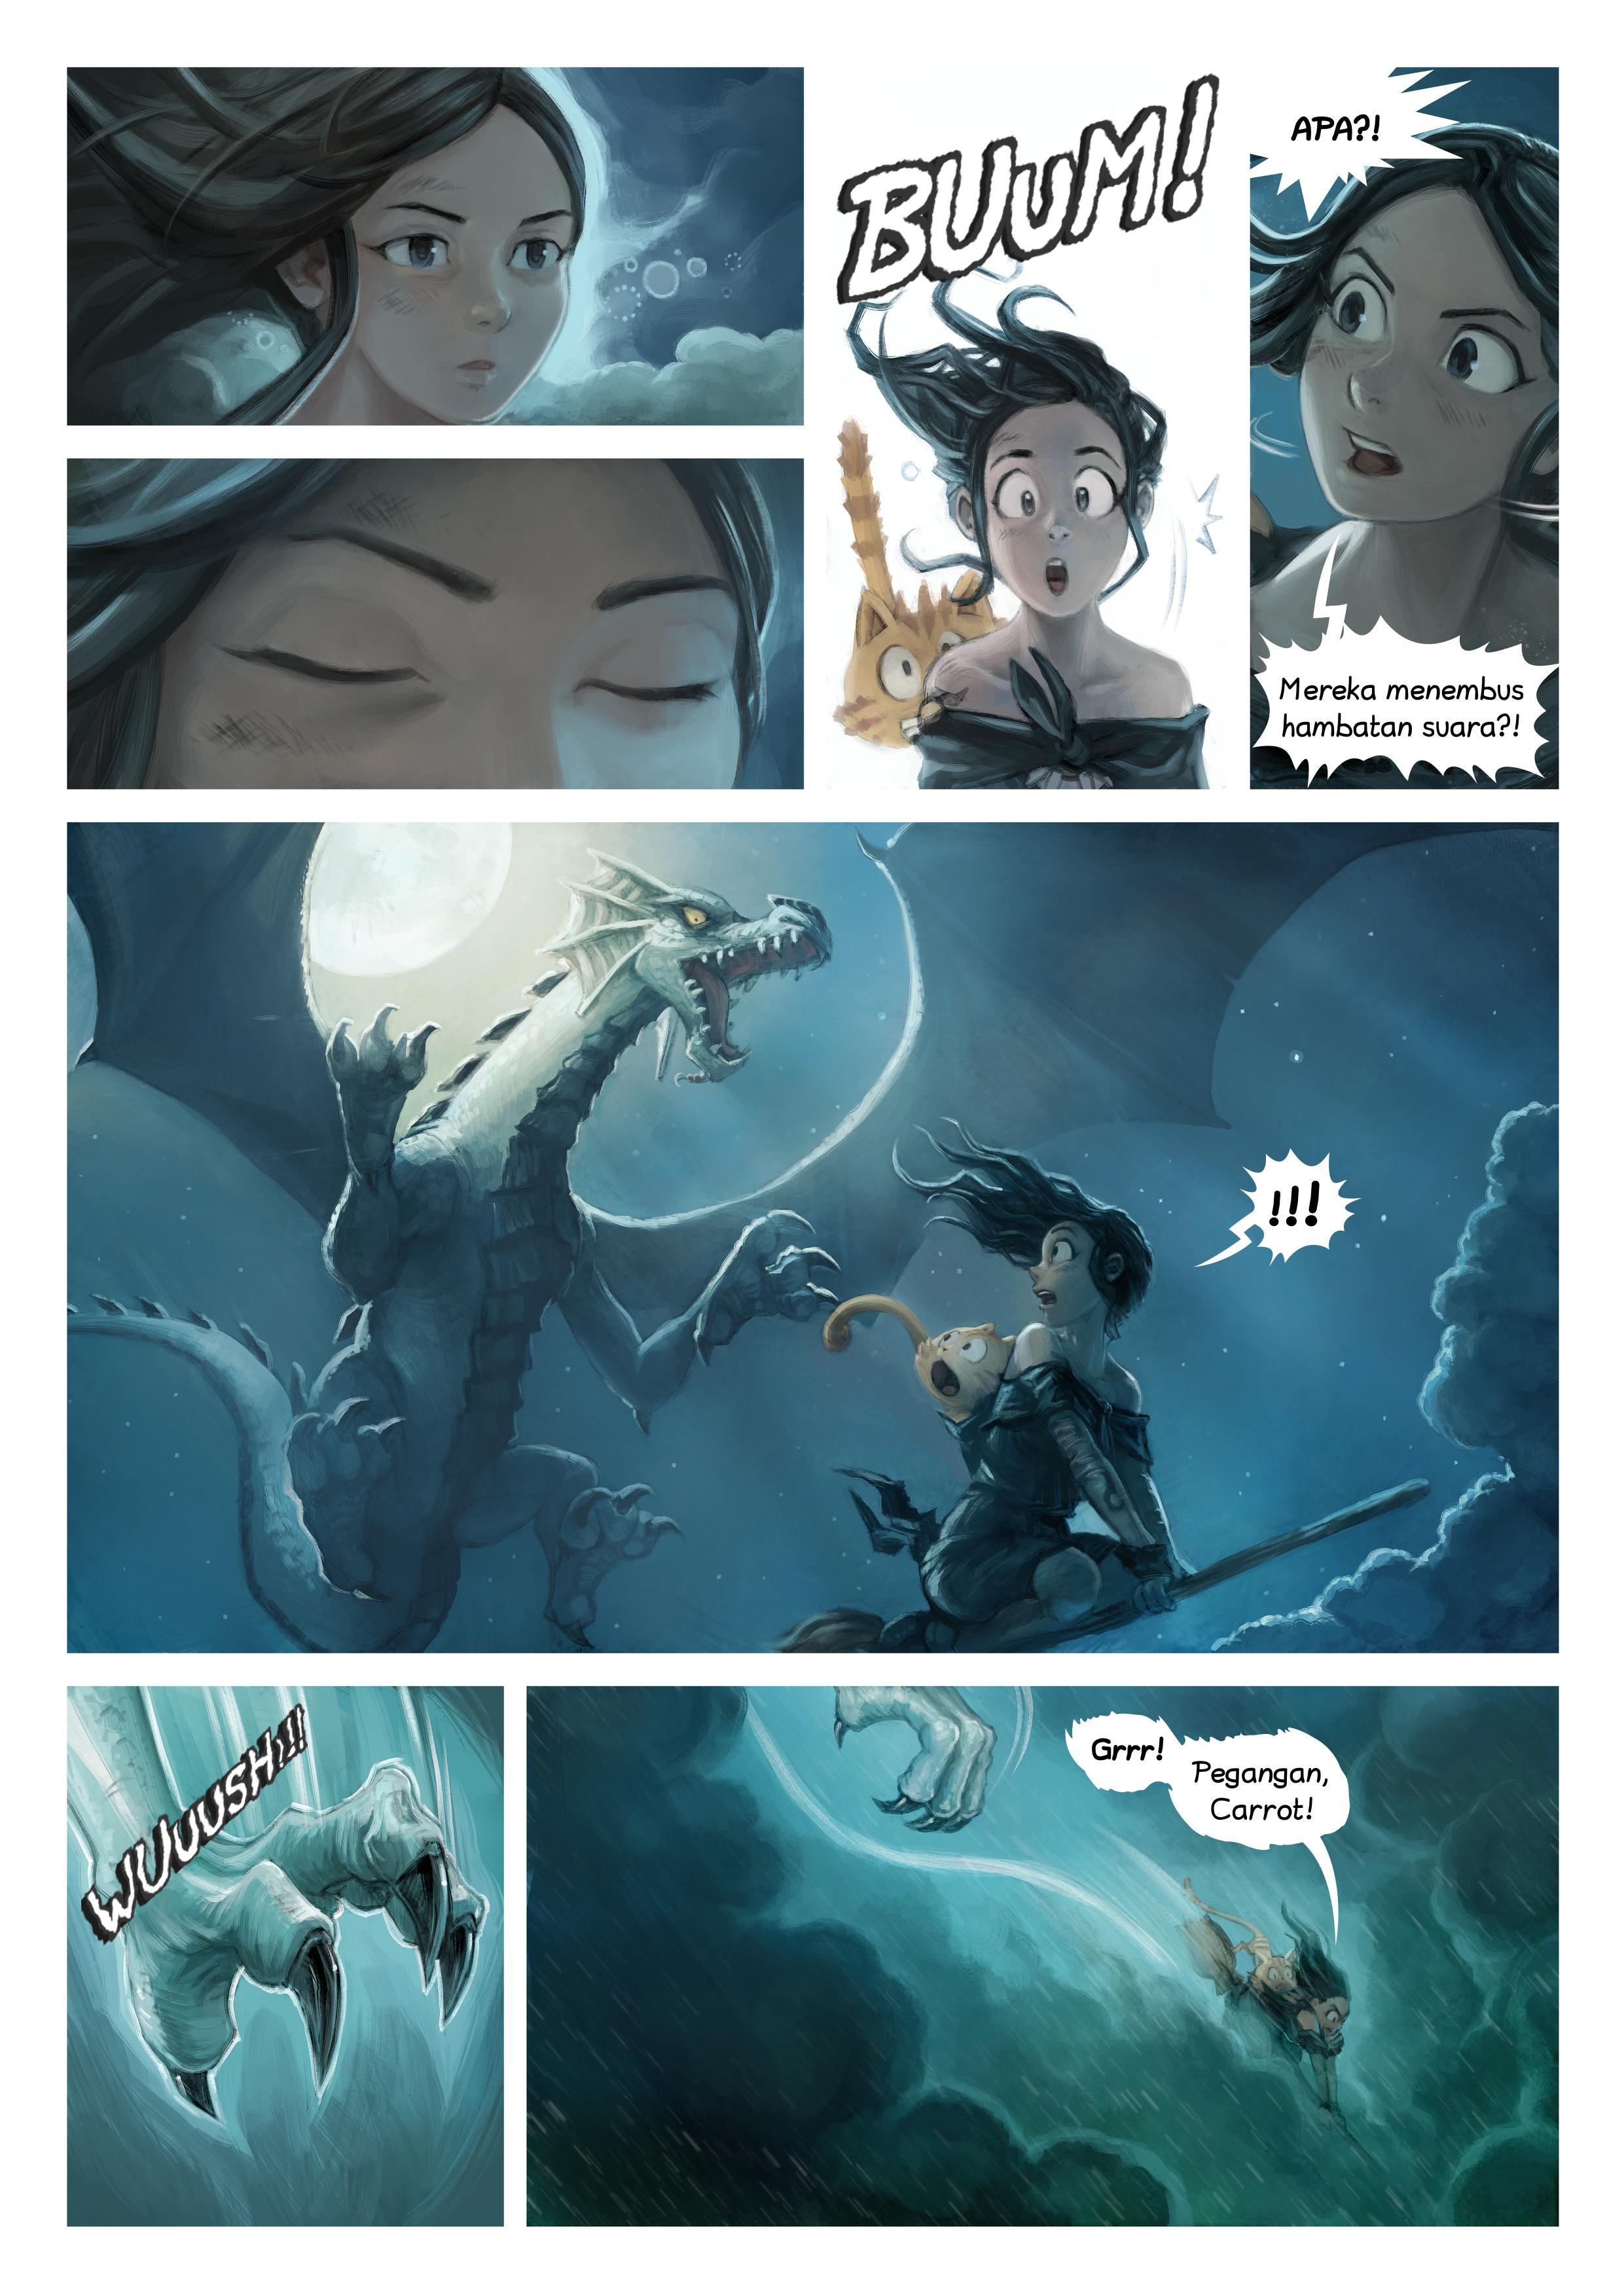 Episode 35: Refleksi, Page 4